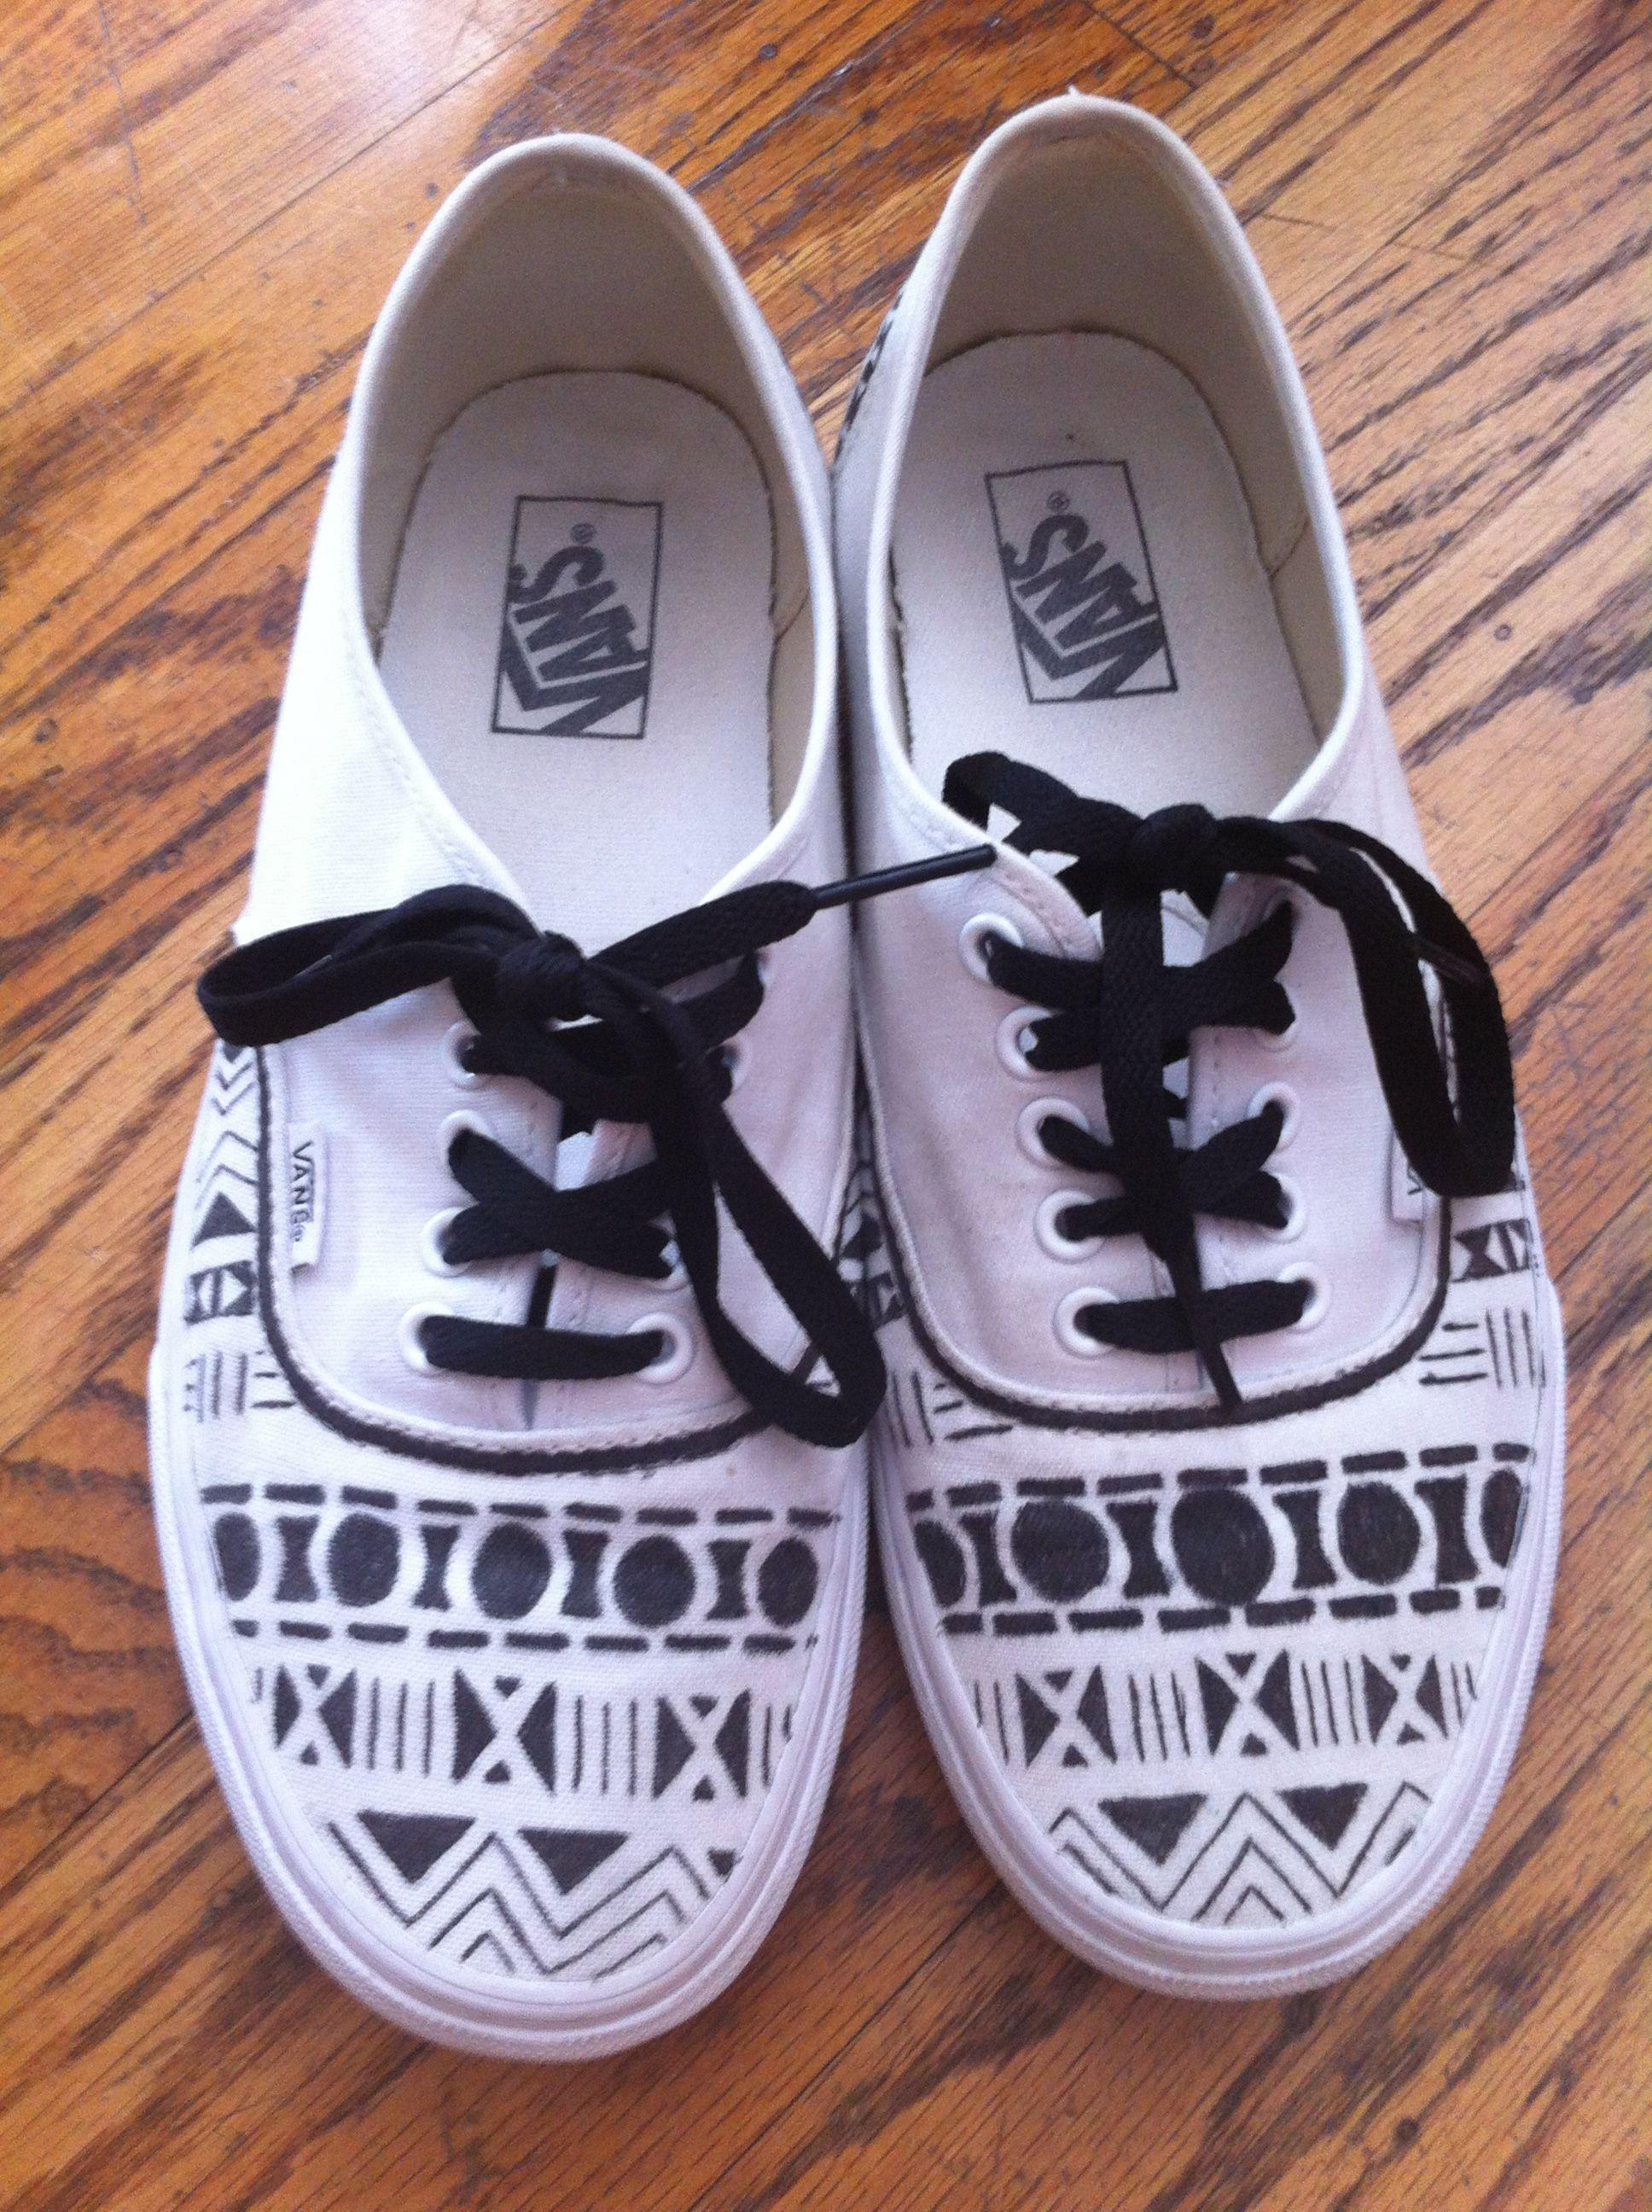 Black on white aztec tribal pattern vans